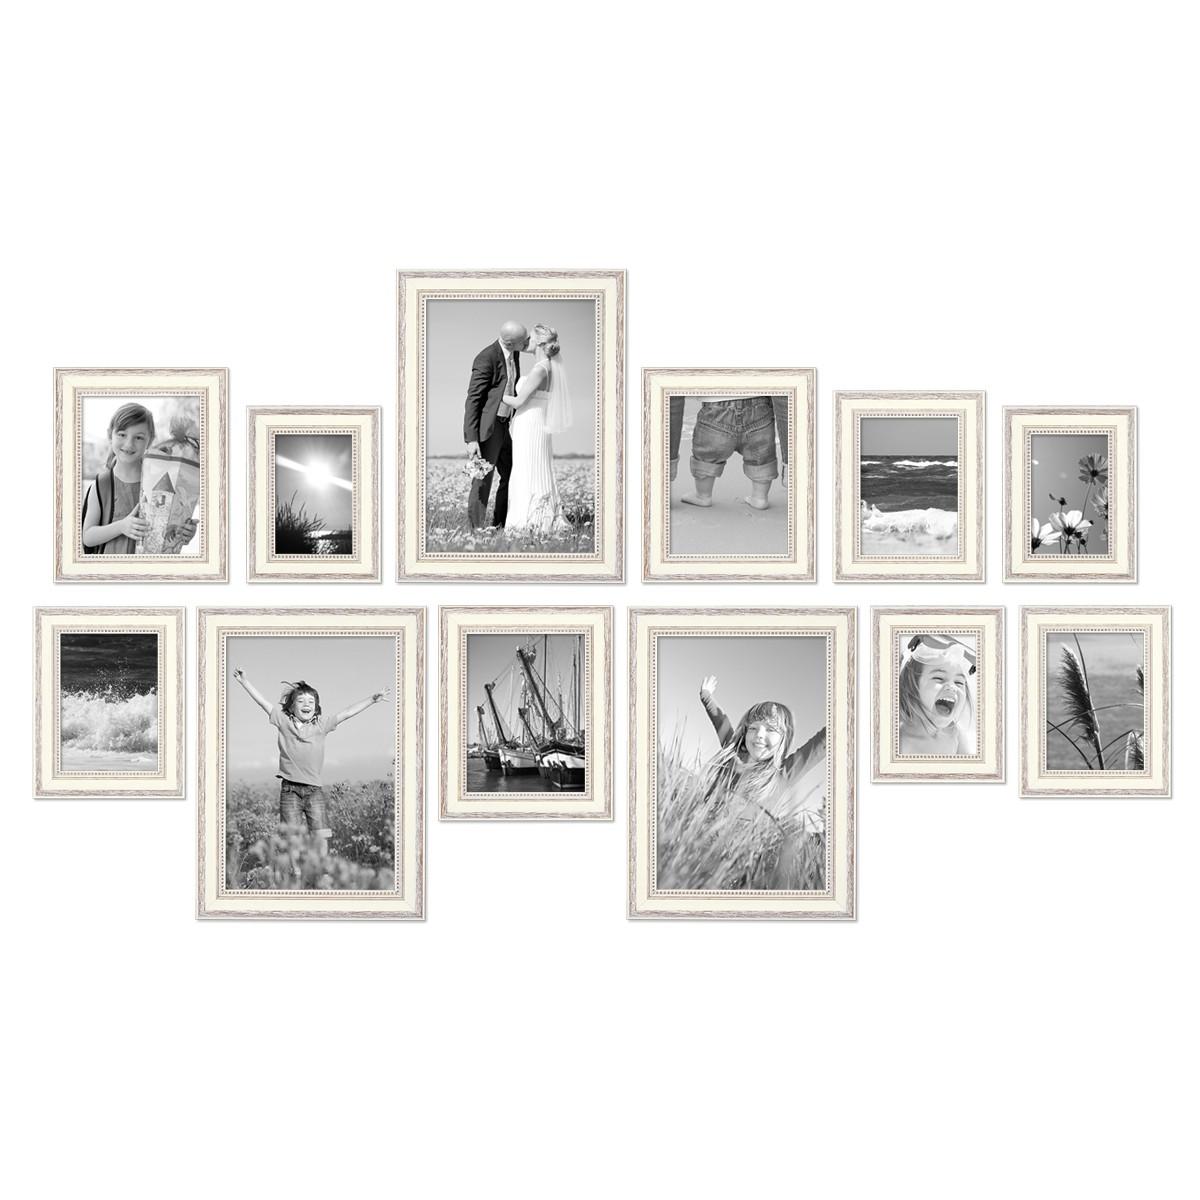 12er set bilderrahmen shabby chic landhaus stil weiss 10x15 bis 20x30 cm inklusive zubeh r. Black Bedroom Furniture Sets. Home Design Ideas